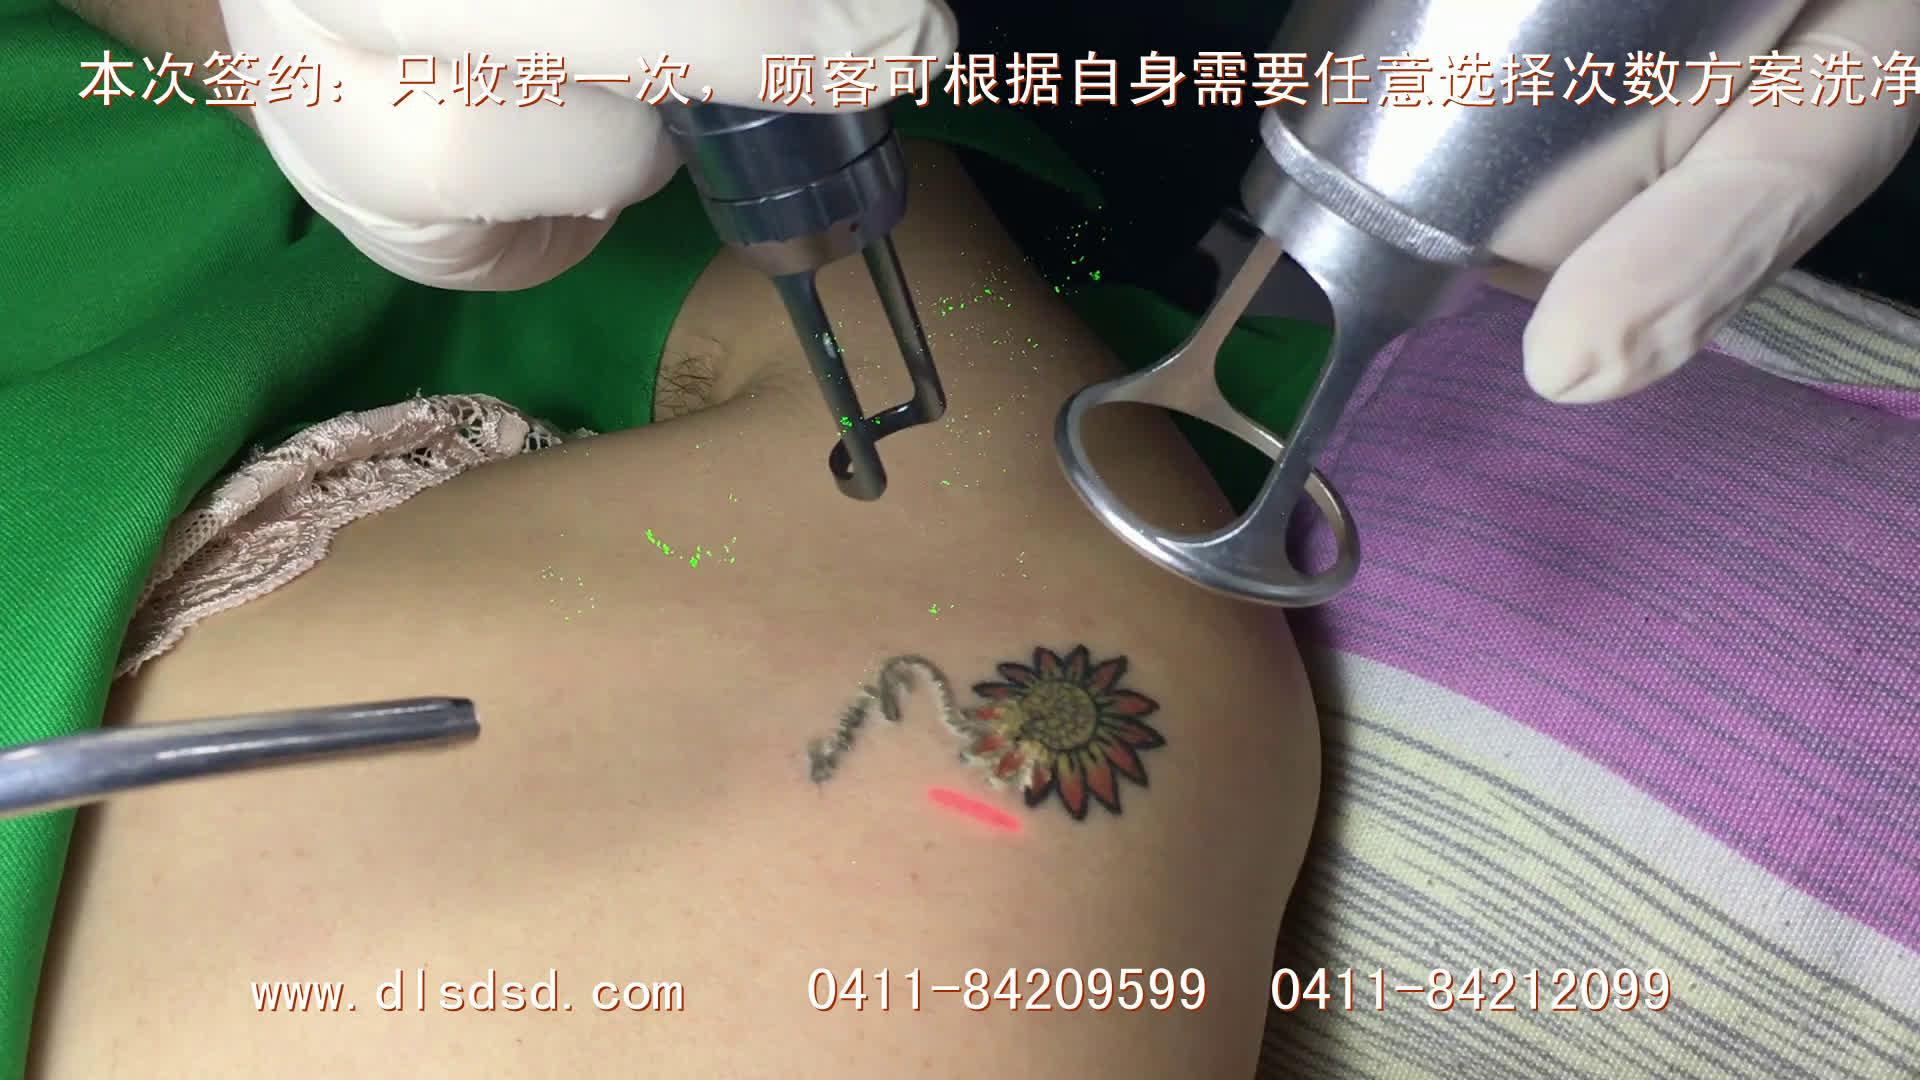 洗纹身前后照片洗黄色红色纹身视频-大连尚都绅殿【大连尚都神殿】图片